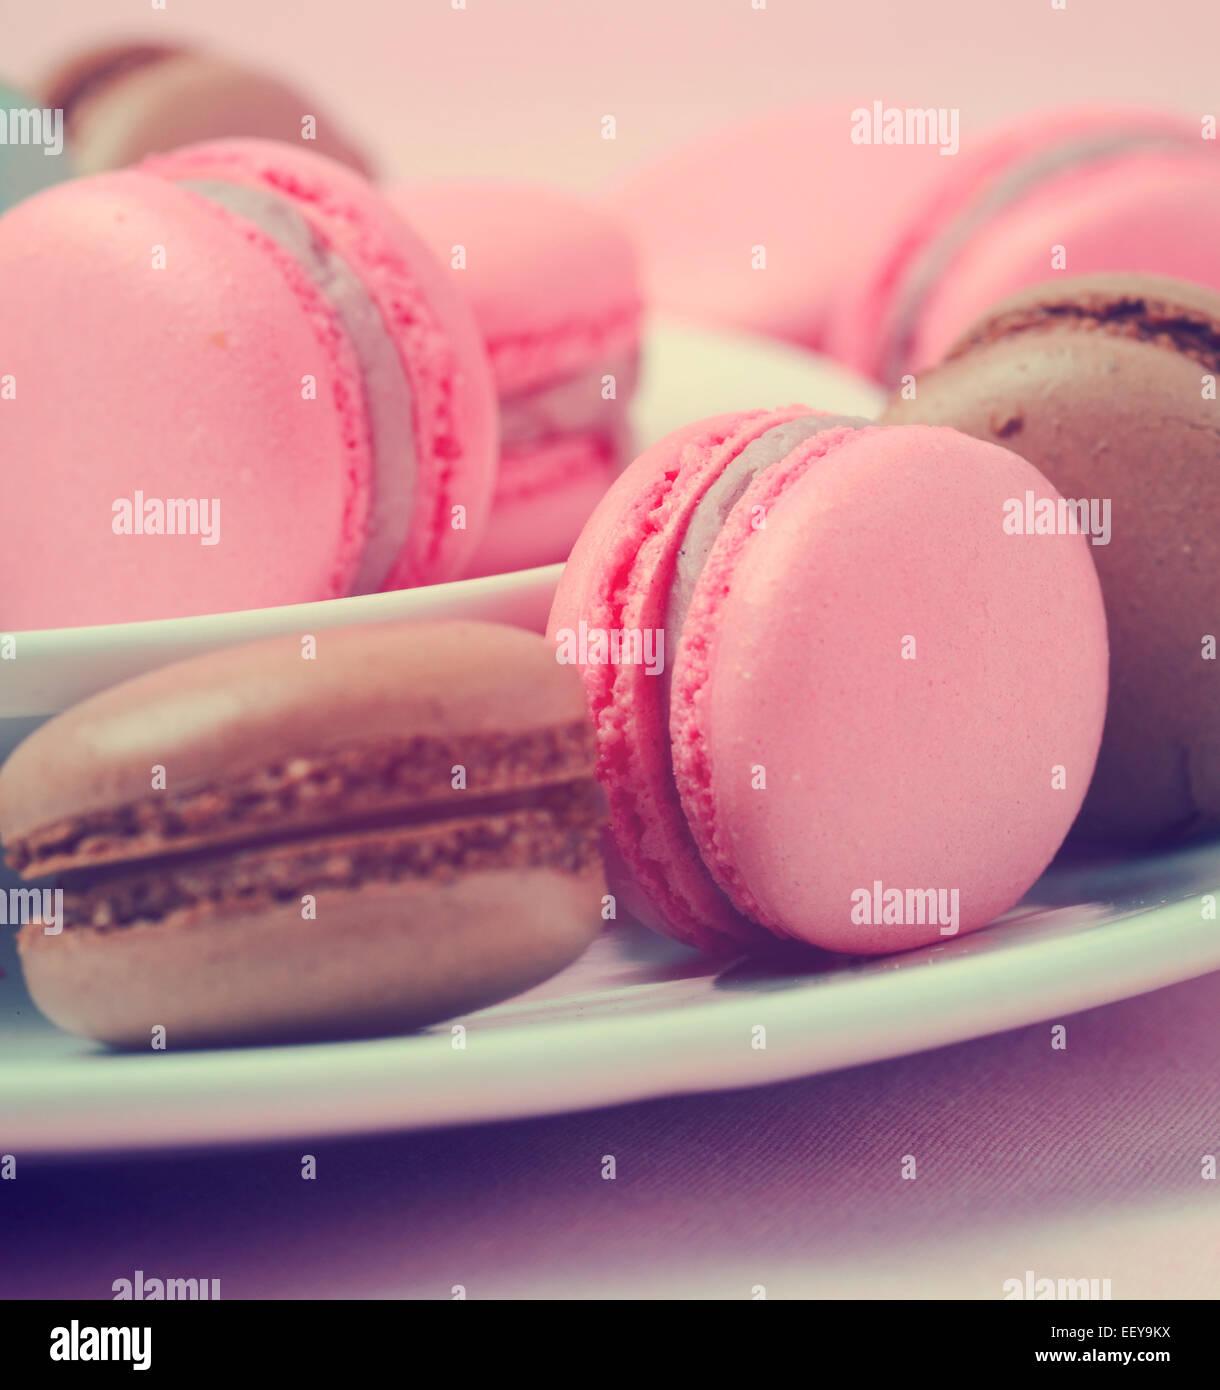 Macarons traditionnels français - avec filtre vintage retro Photo Stock